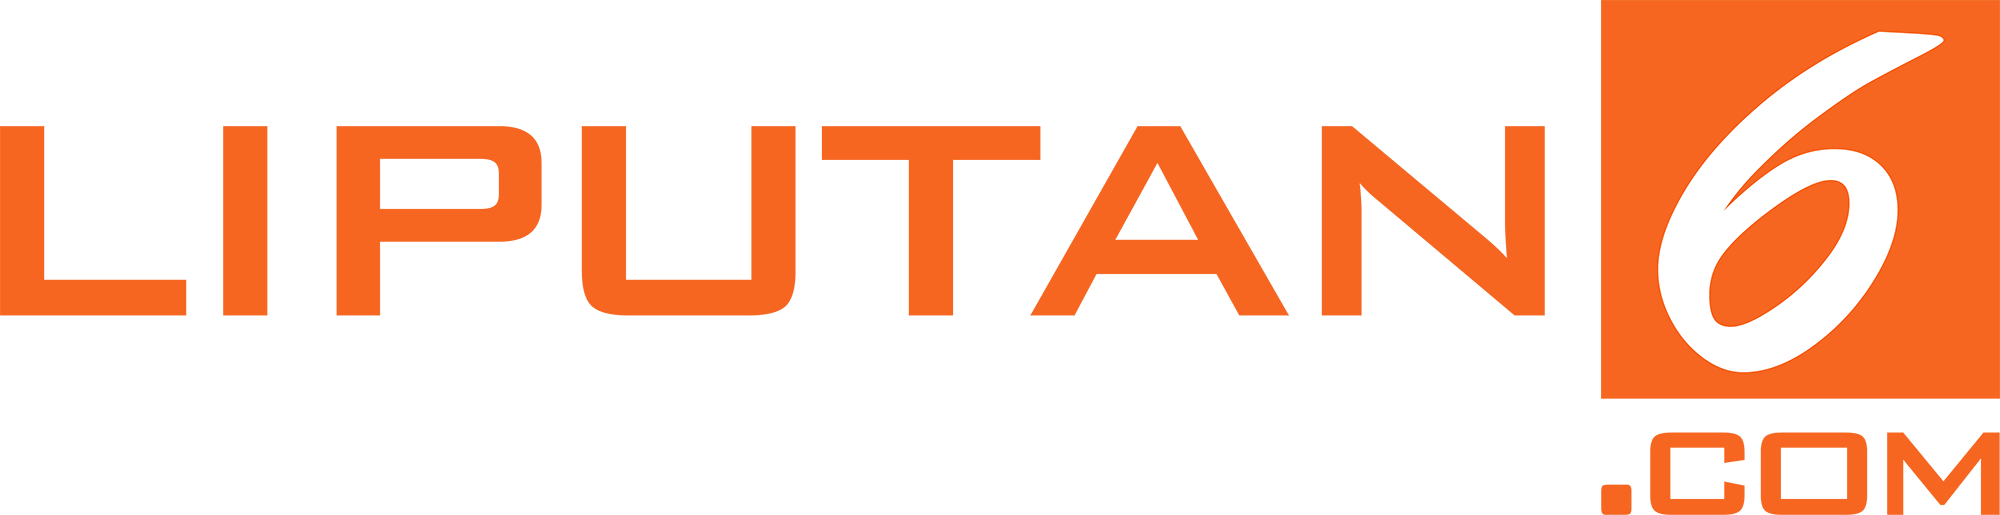 Liputan6.com Logo